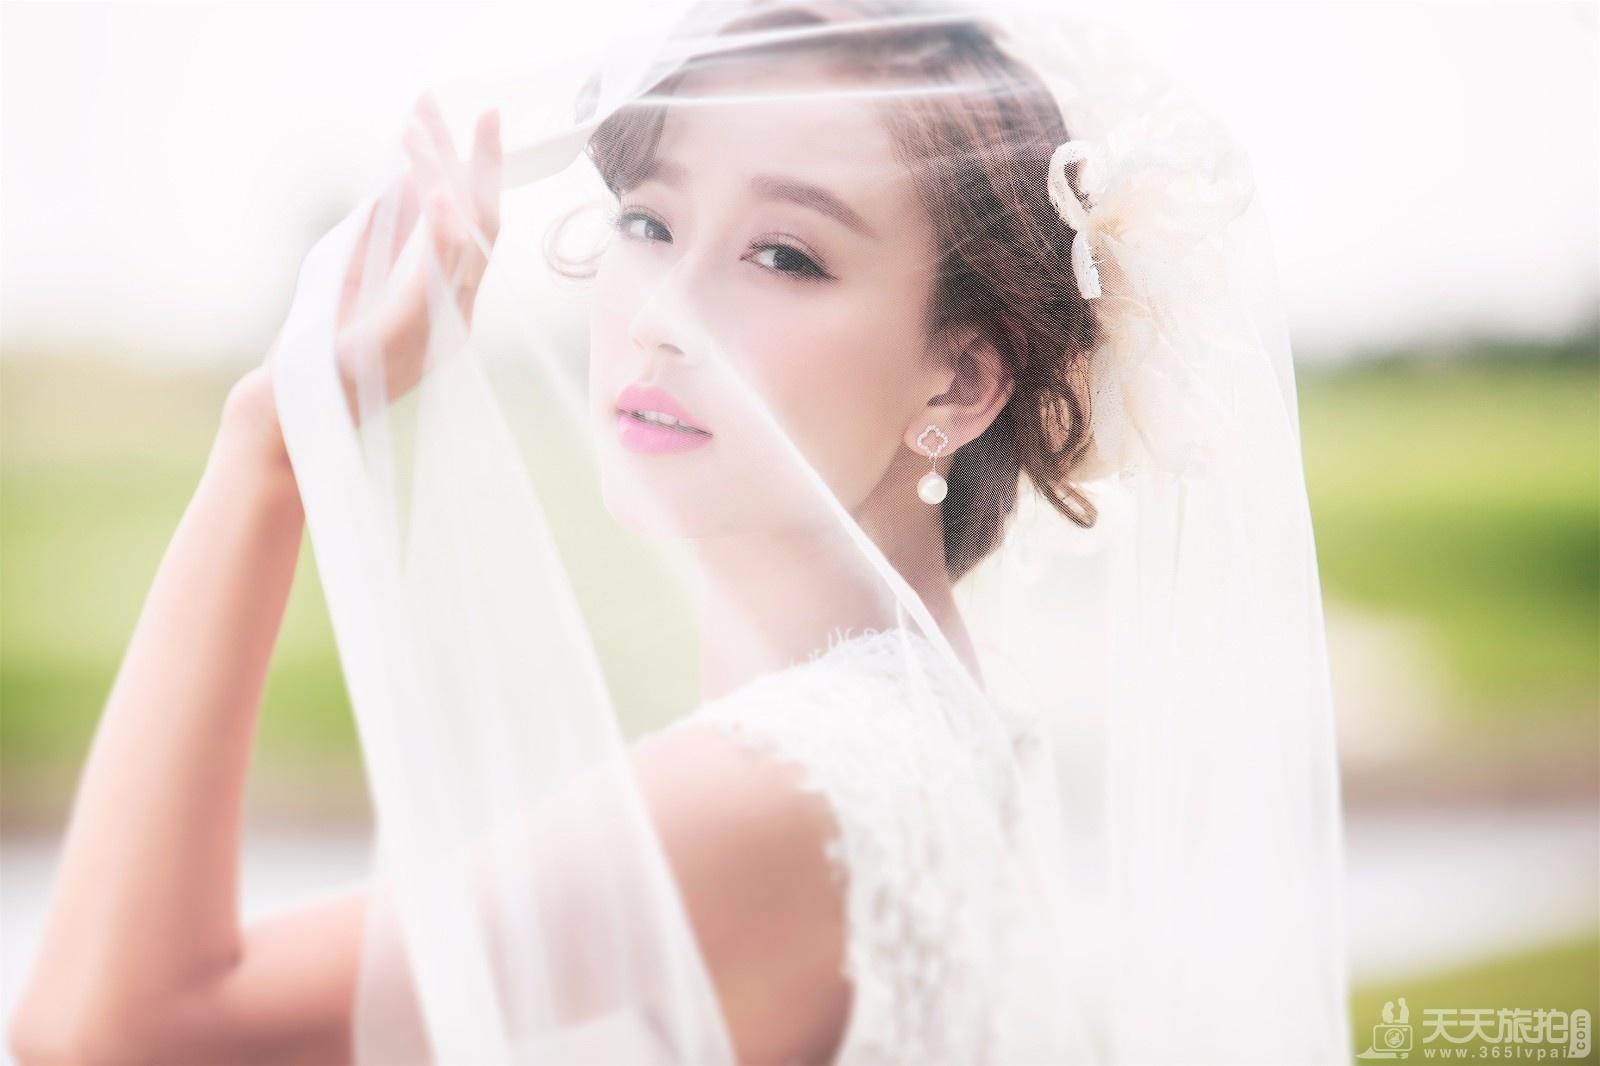 .创意结婚祝福语可以吗?会让人觉得轻佻吗